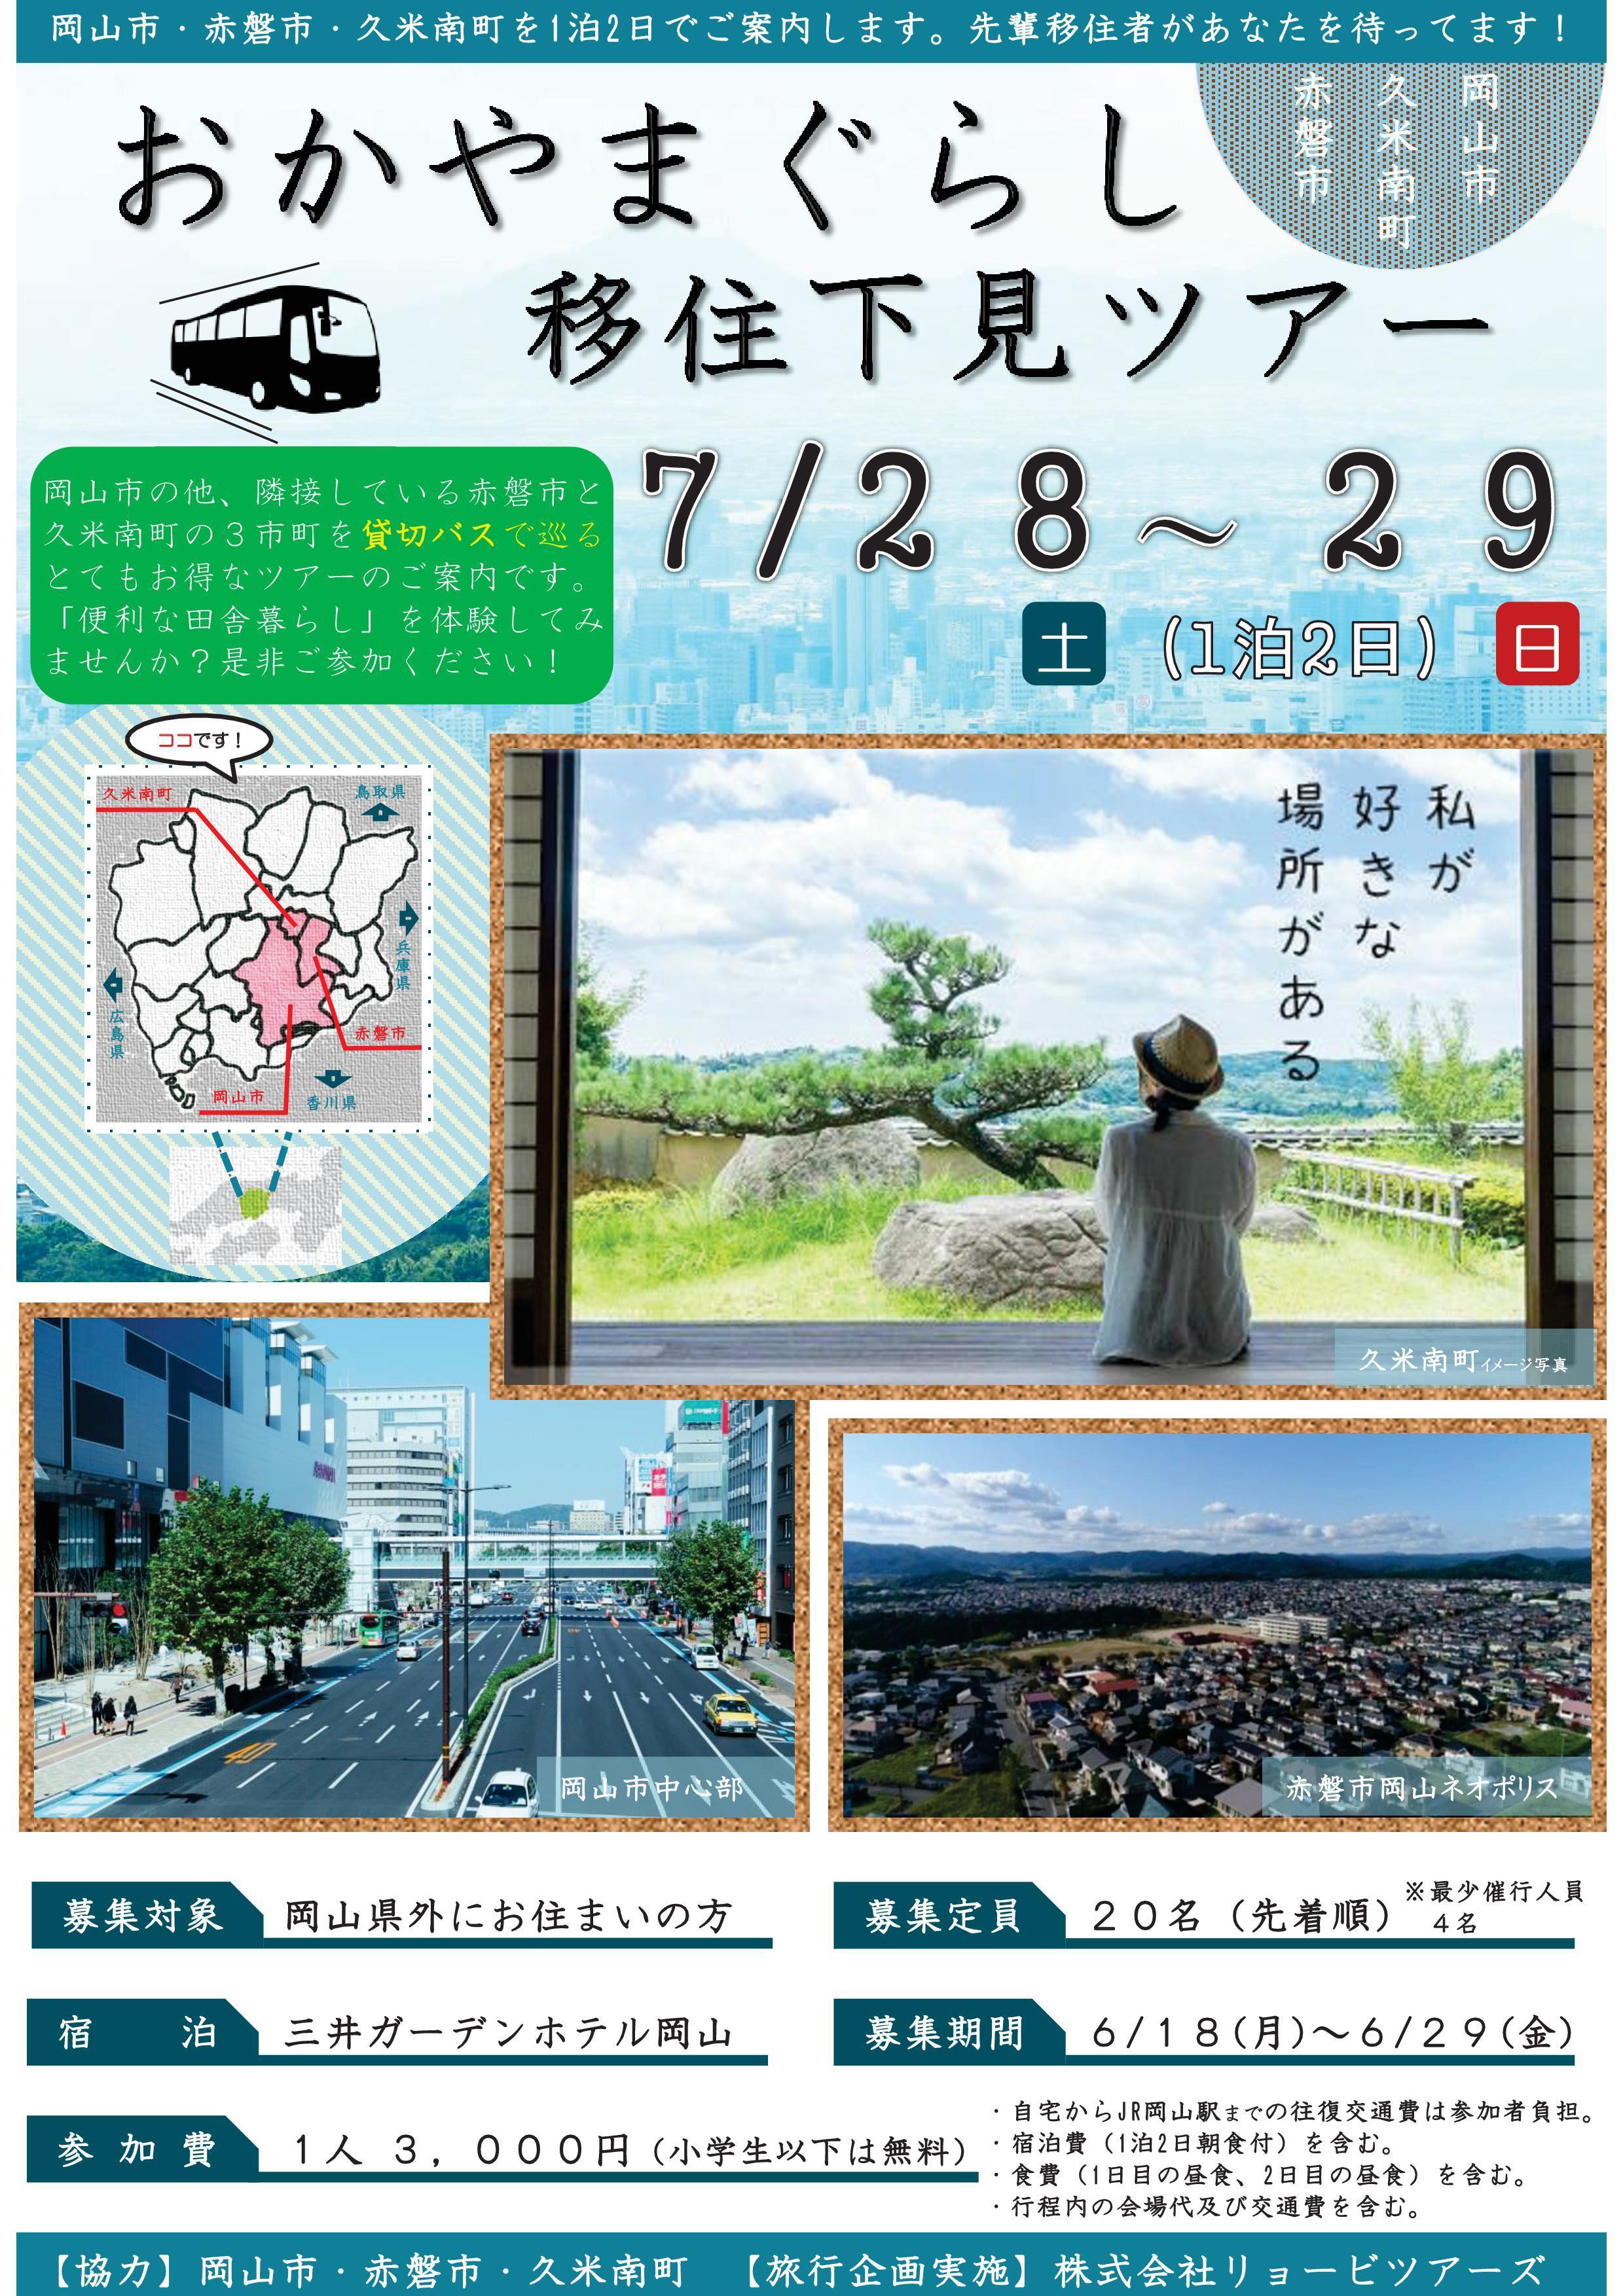 7/28,29日に岡山市・赤磐市・久米南町をめぐるツアーを開催!【受付終了】